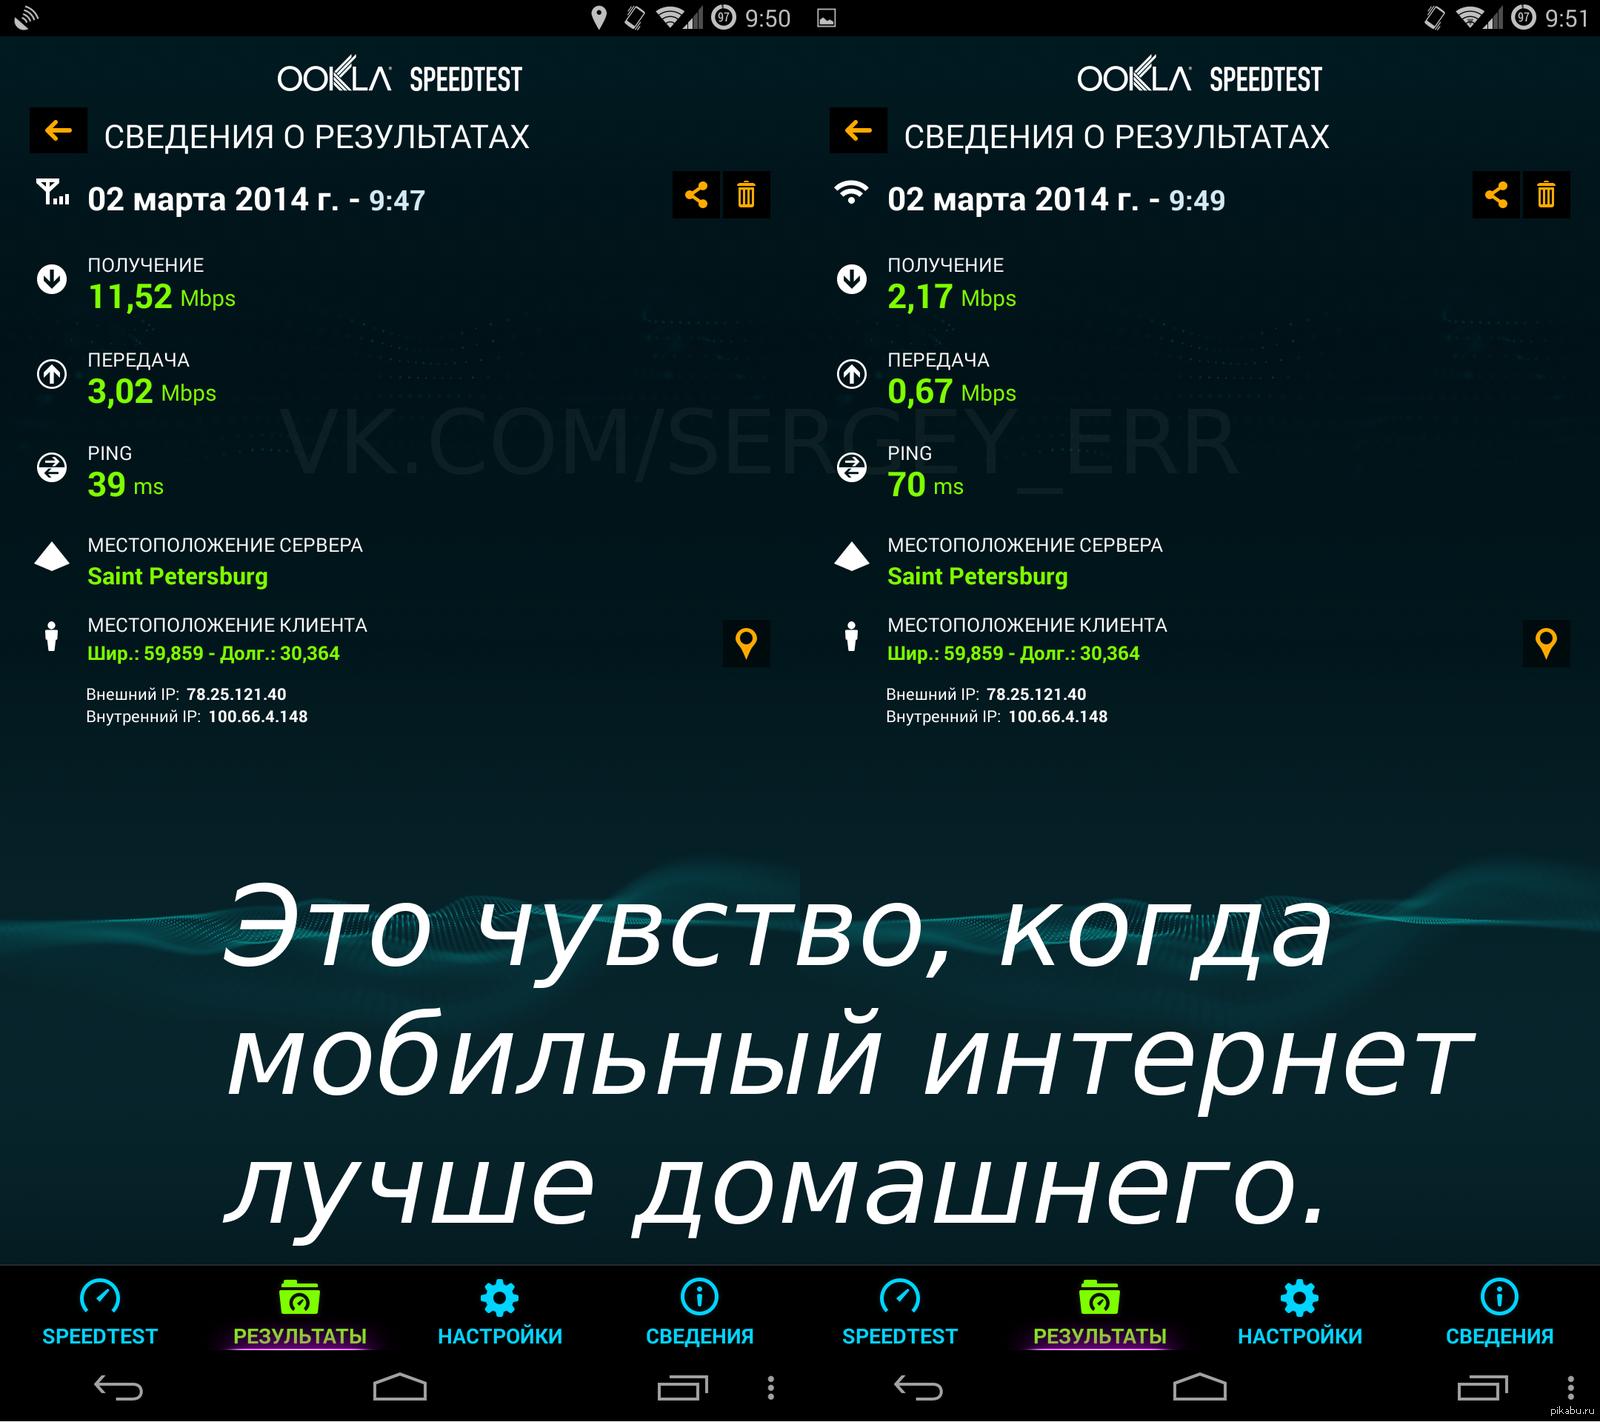 Мобильный интернет внешний ip